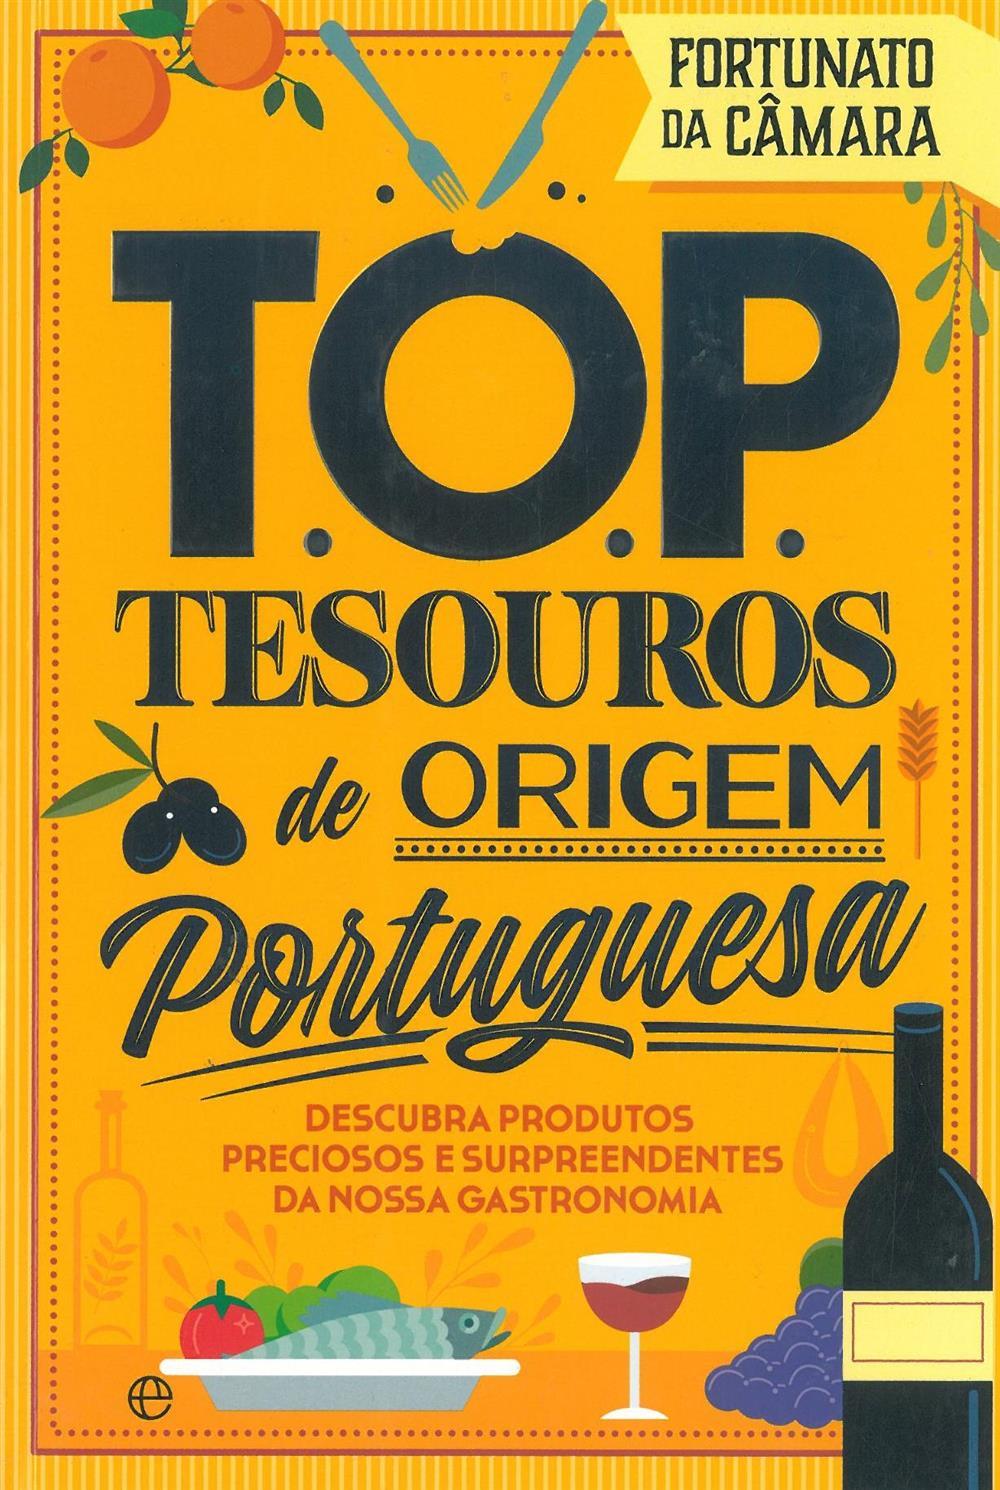 T.O.P.-Tesouros de origem portuguesa_.jpg